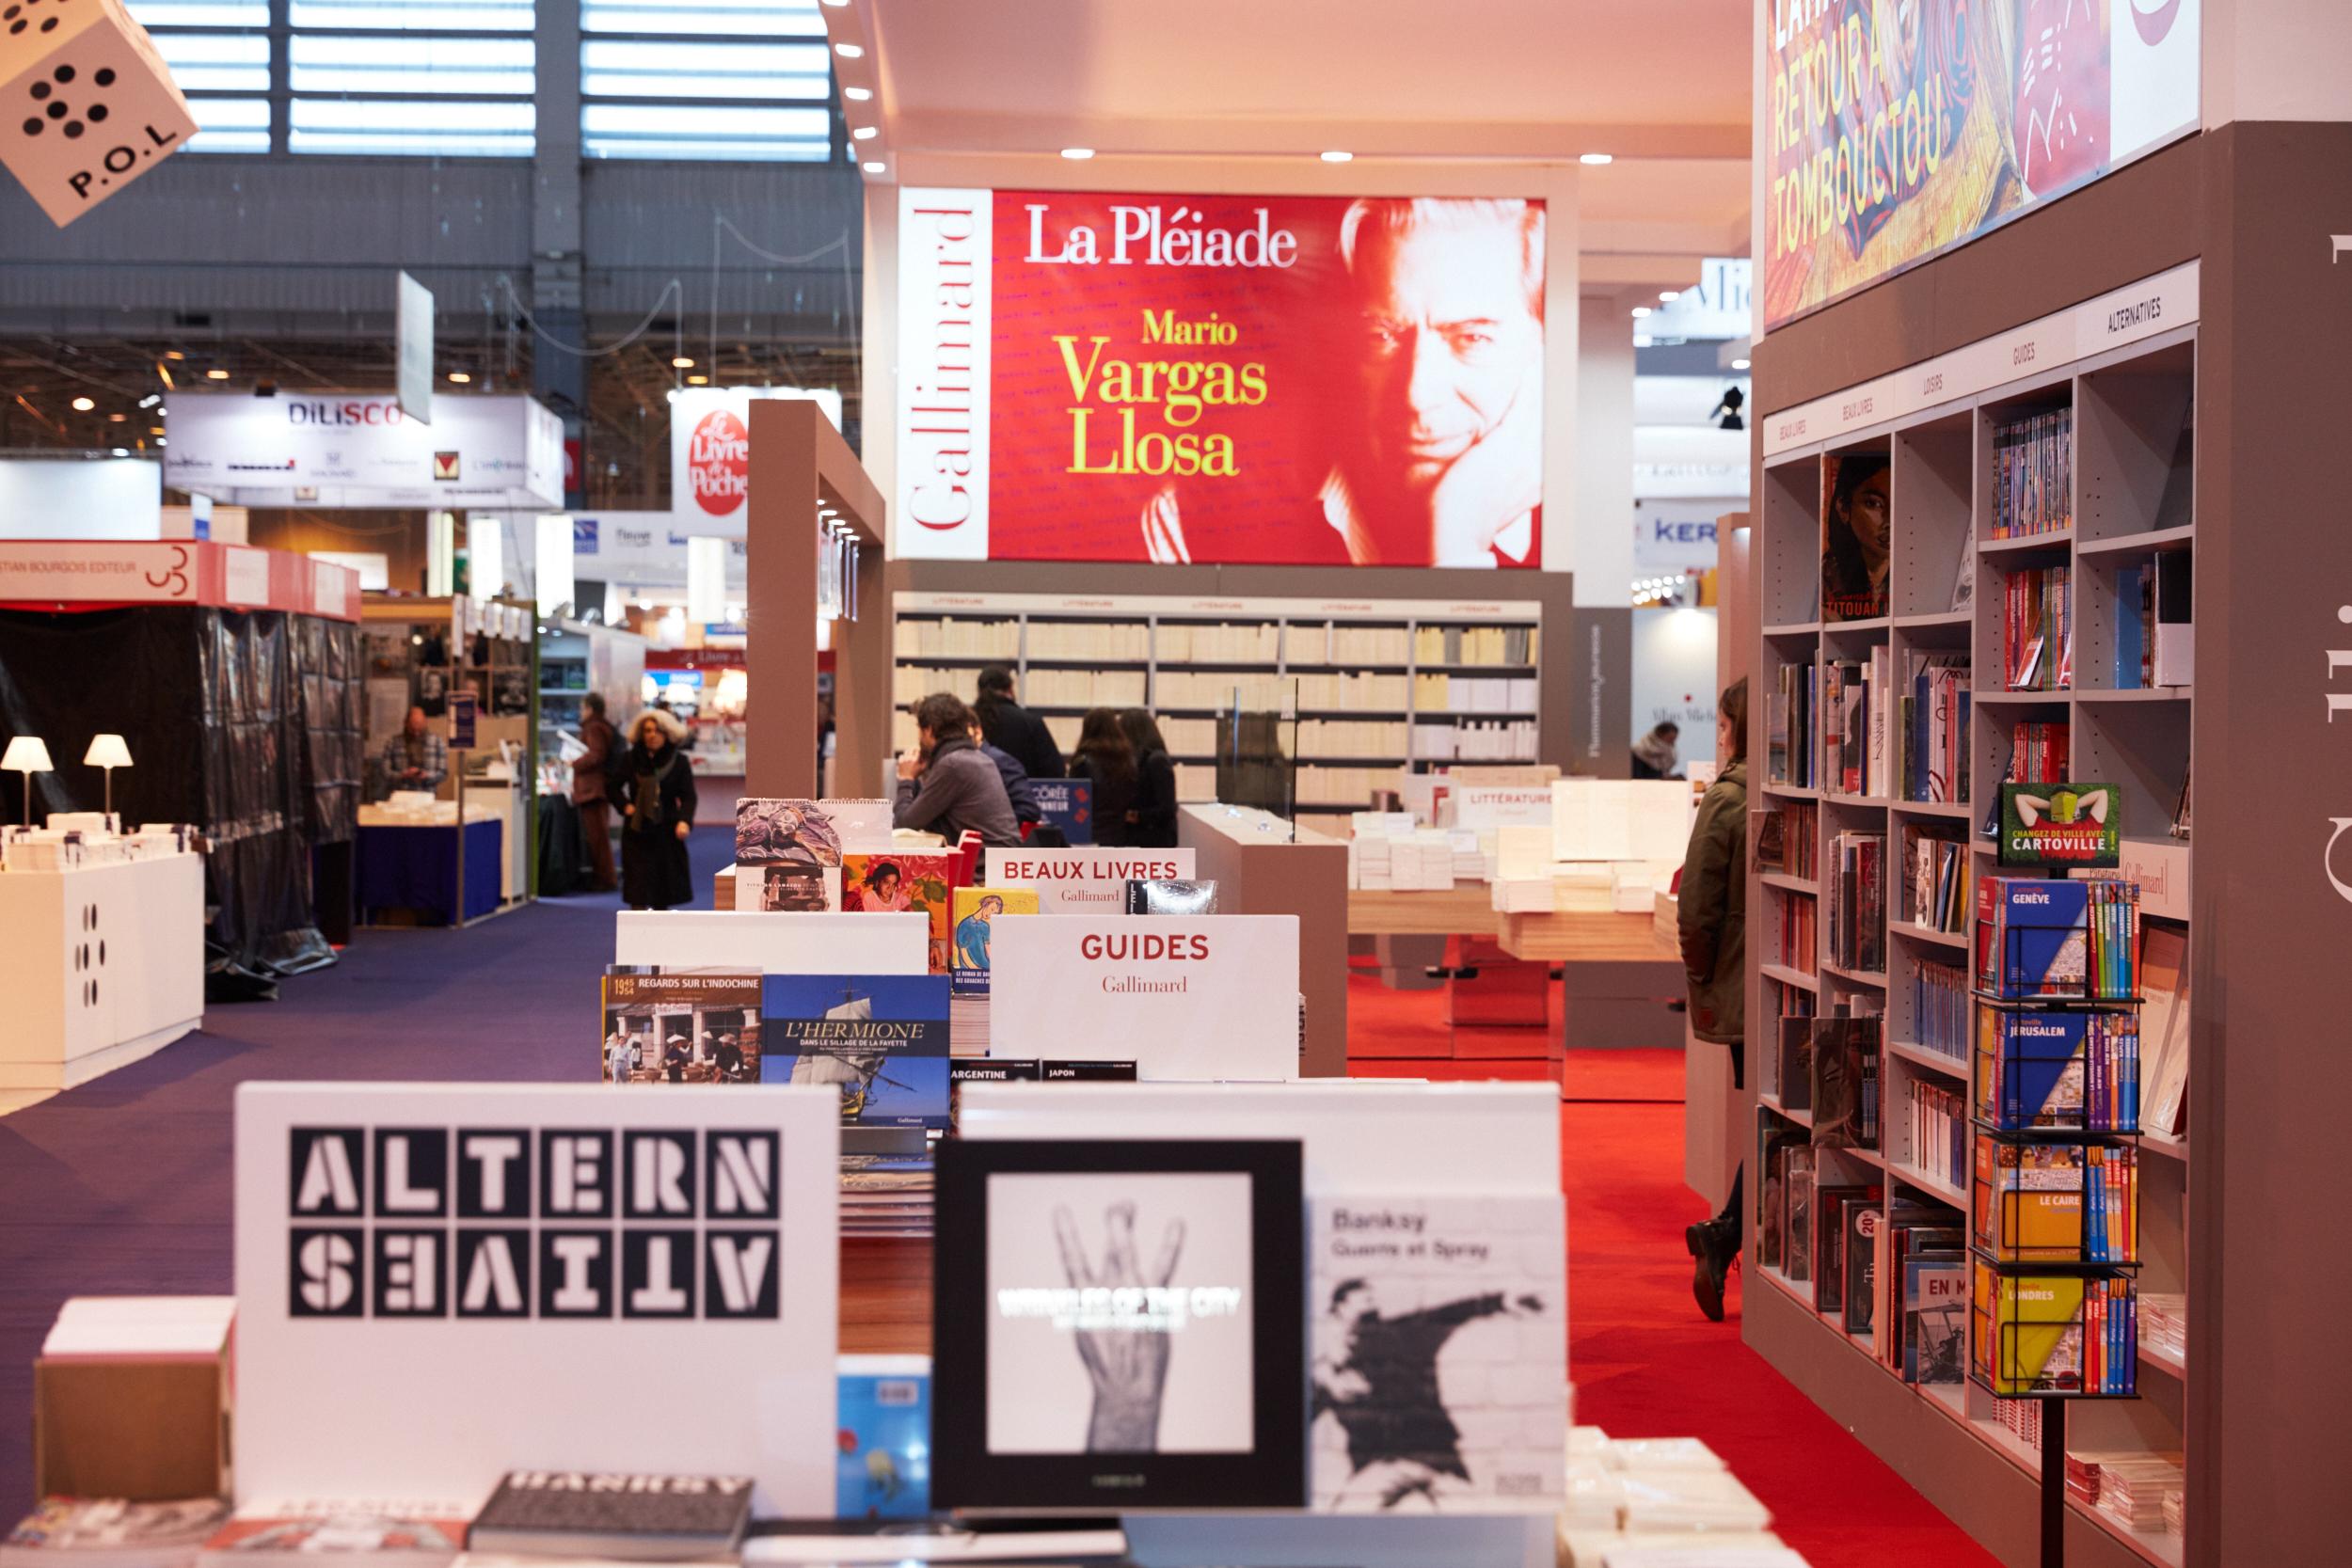 Salon du Livre 2017